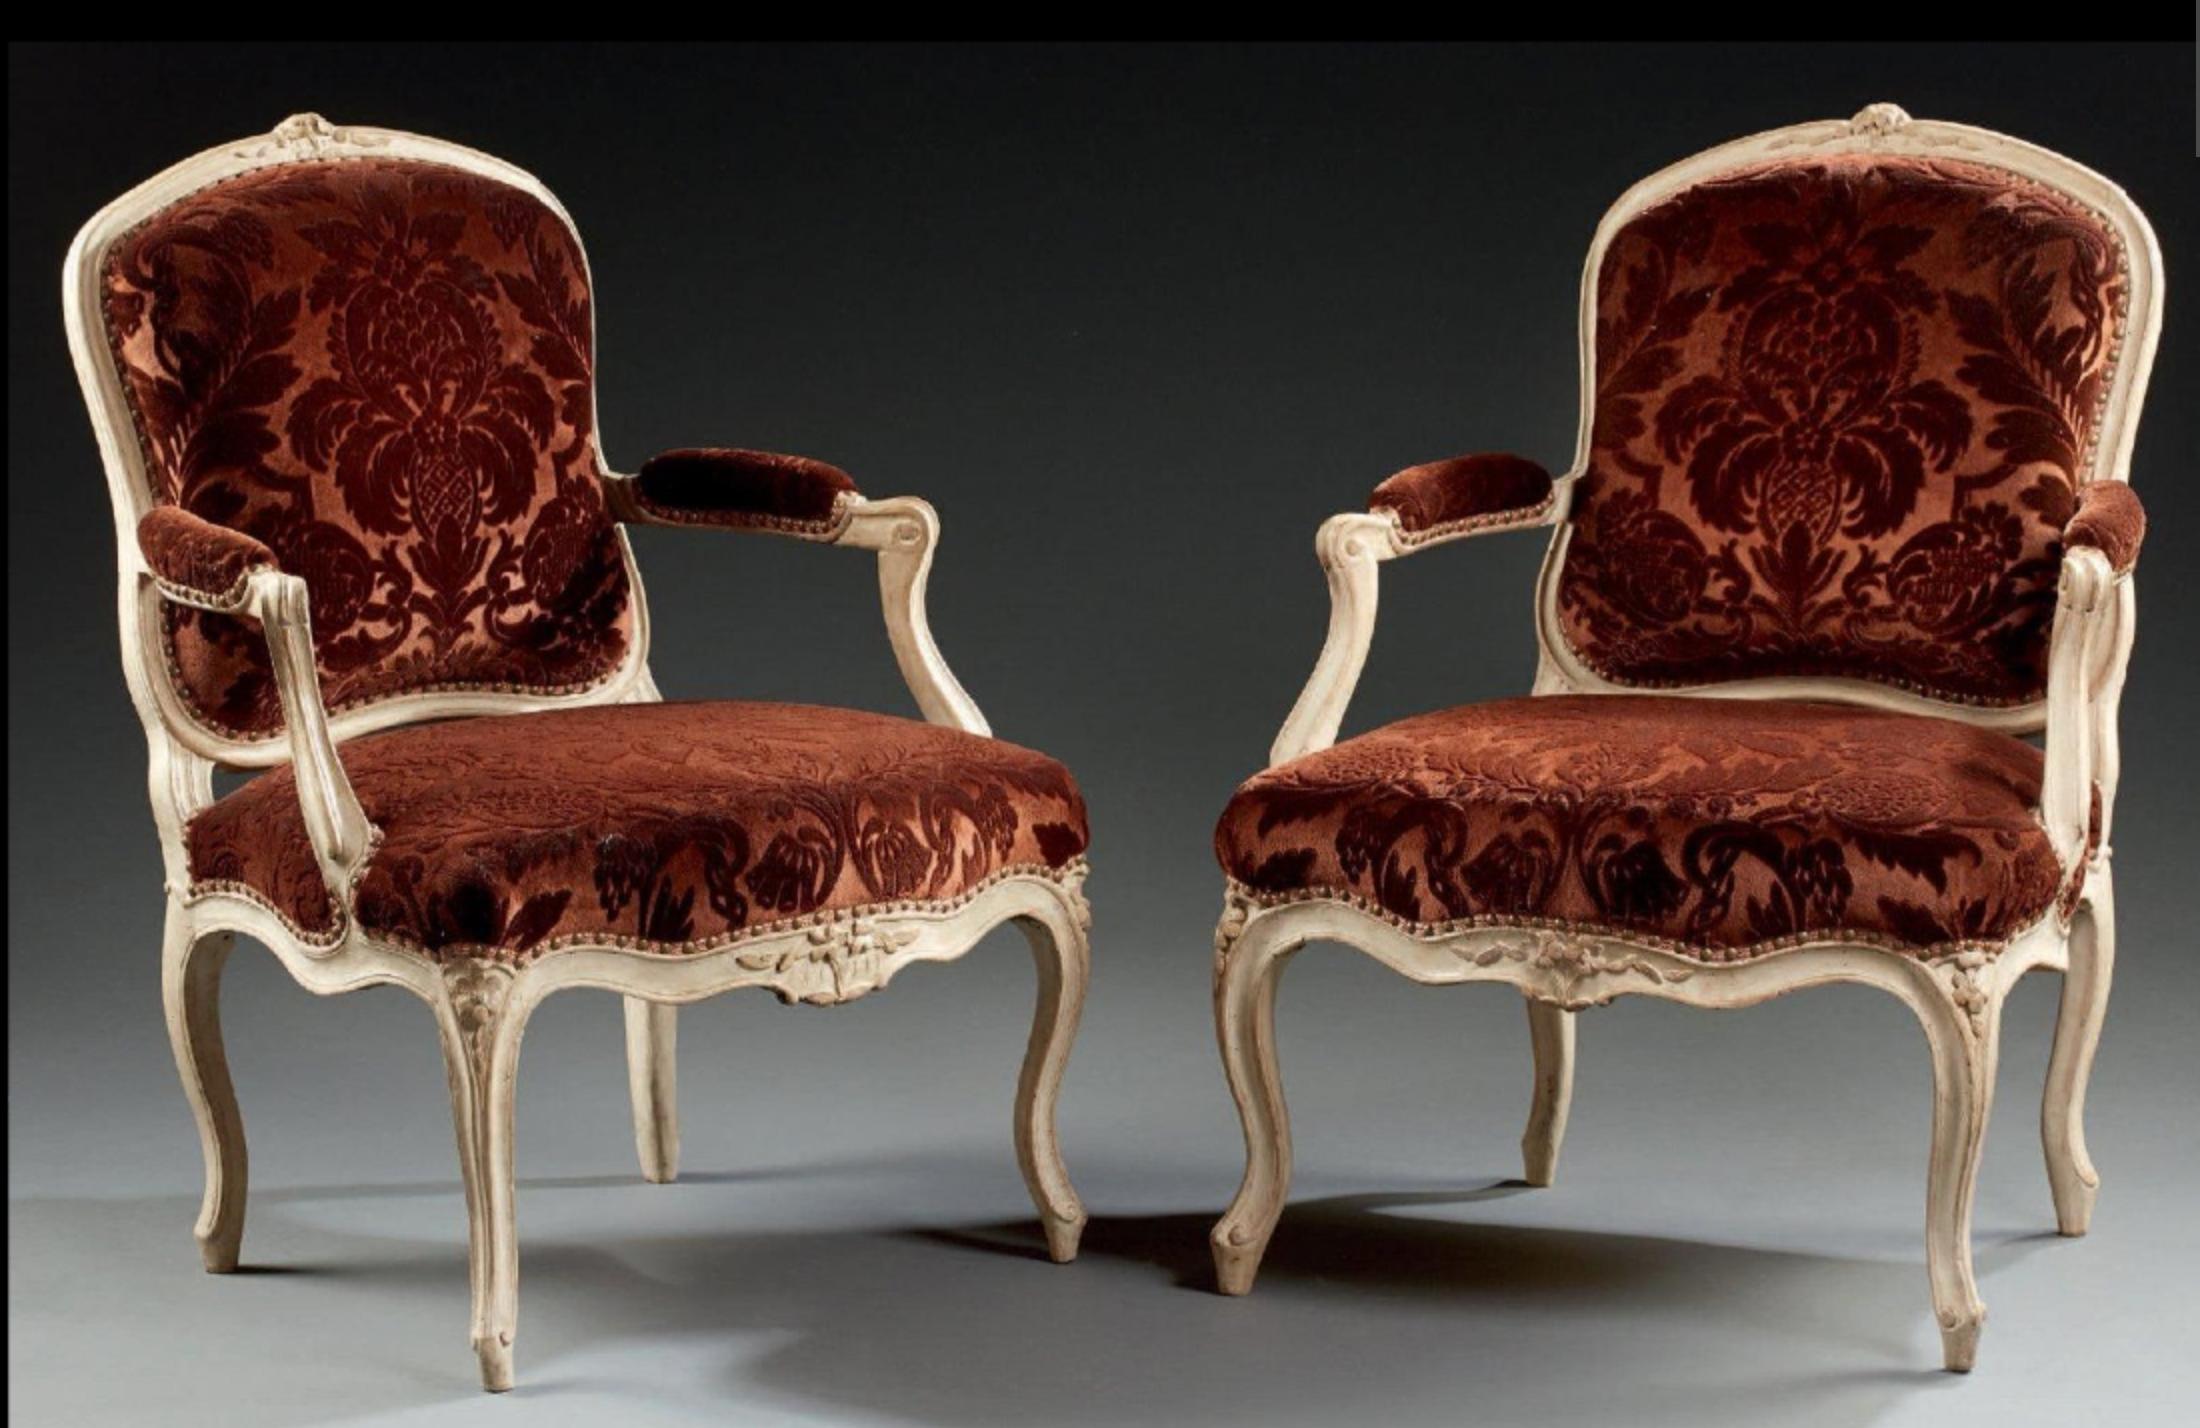 Paire de fauteuils à dossier plat en hêtre mouluré et relaqué crème agrémenté de fleurettes et feuillages stylisés; consoles d'accotoirs en coup de fouet; pieds cambrés. Estampille H. Amand et poinçon de jurande. Epoque Louis XV.